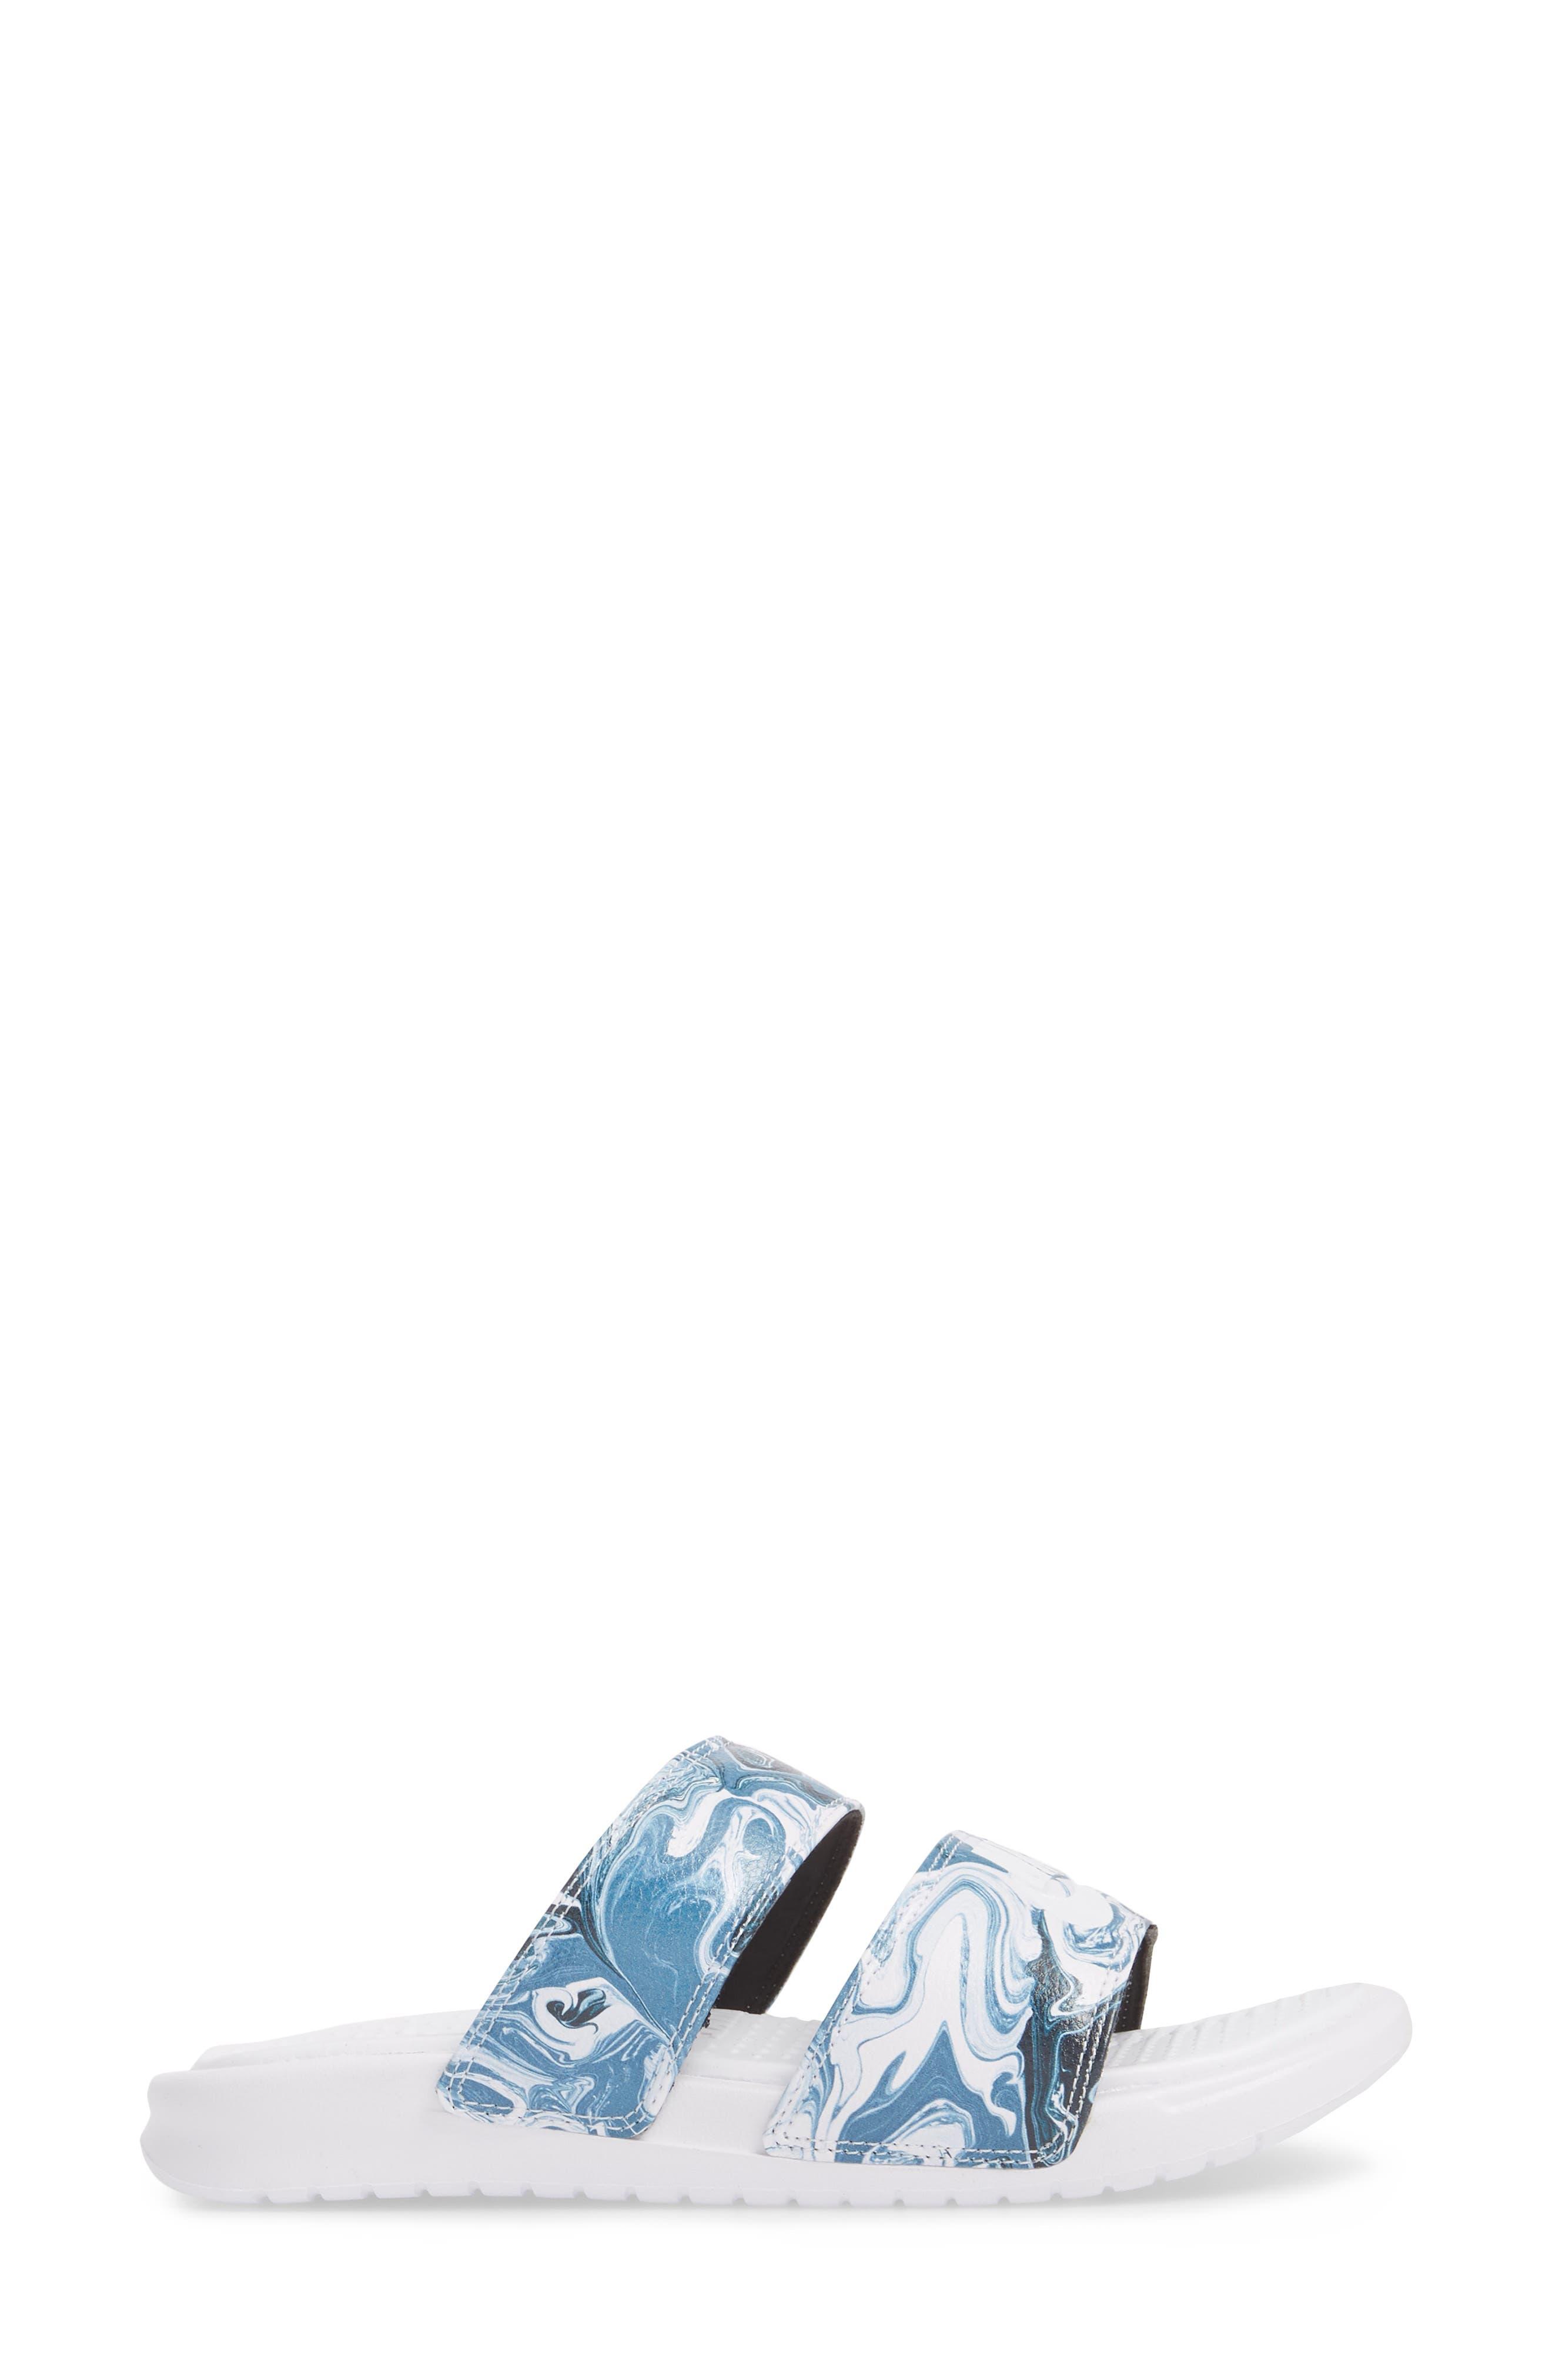 Benassi Duo Ultra Slide Sandal,                             Alternate thumbnail 3, color,                             Black/ White